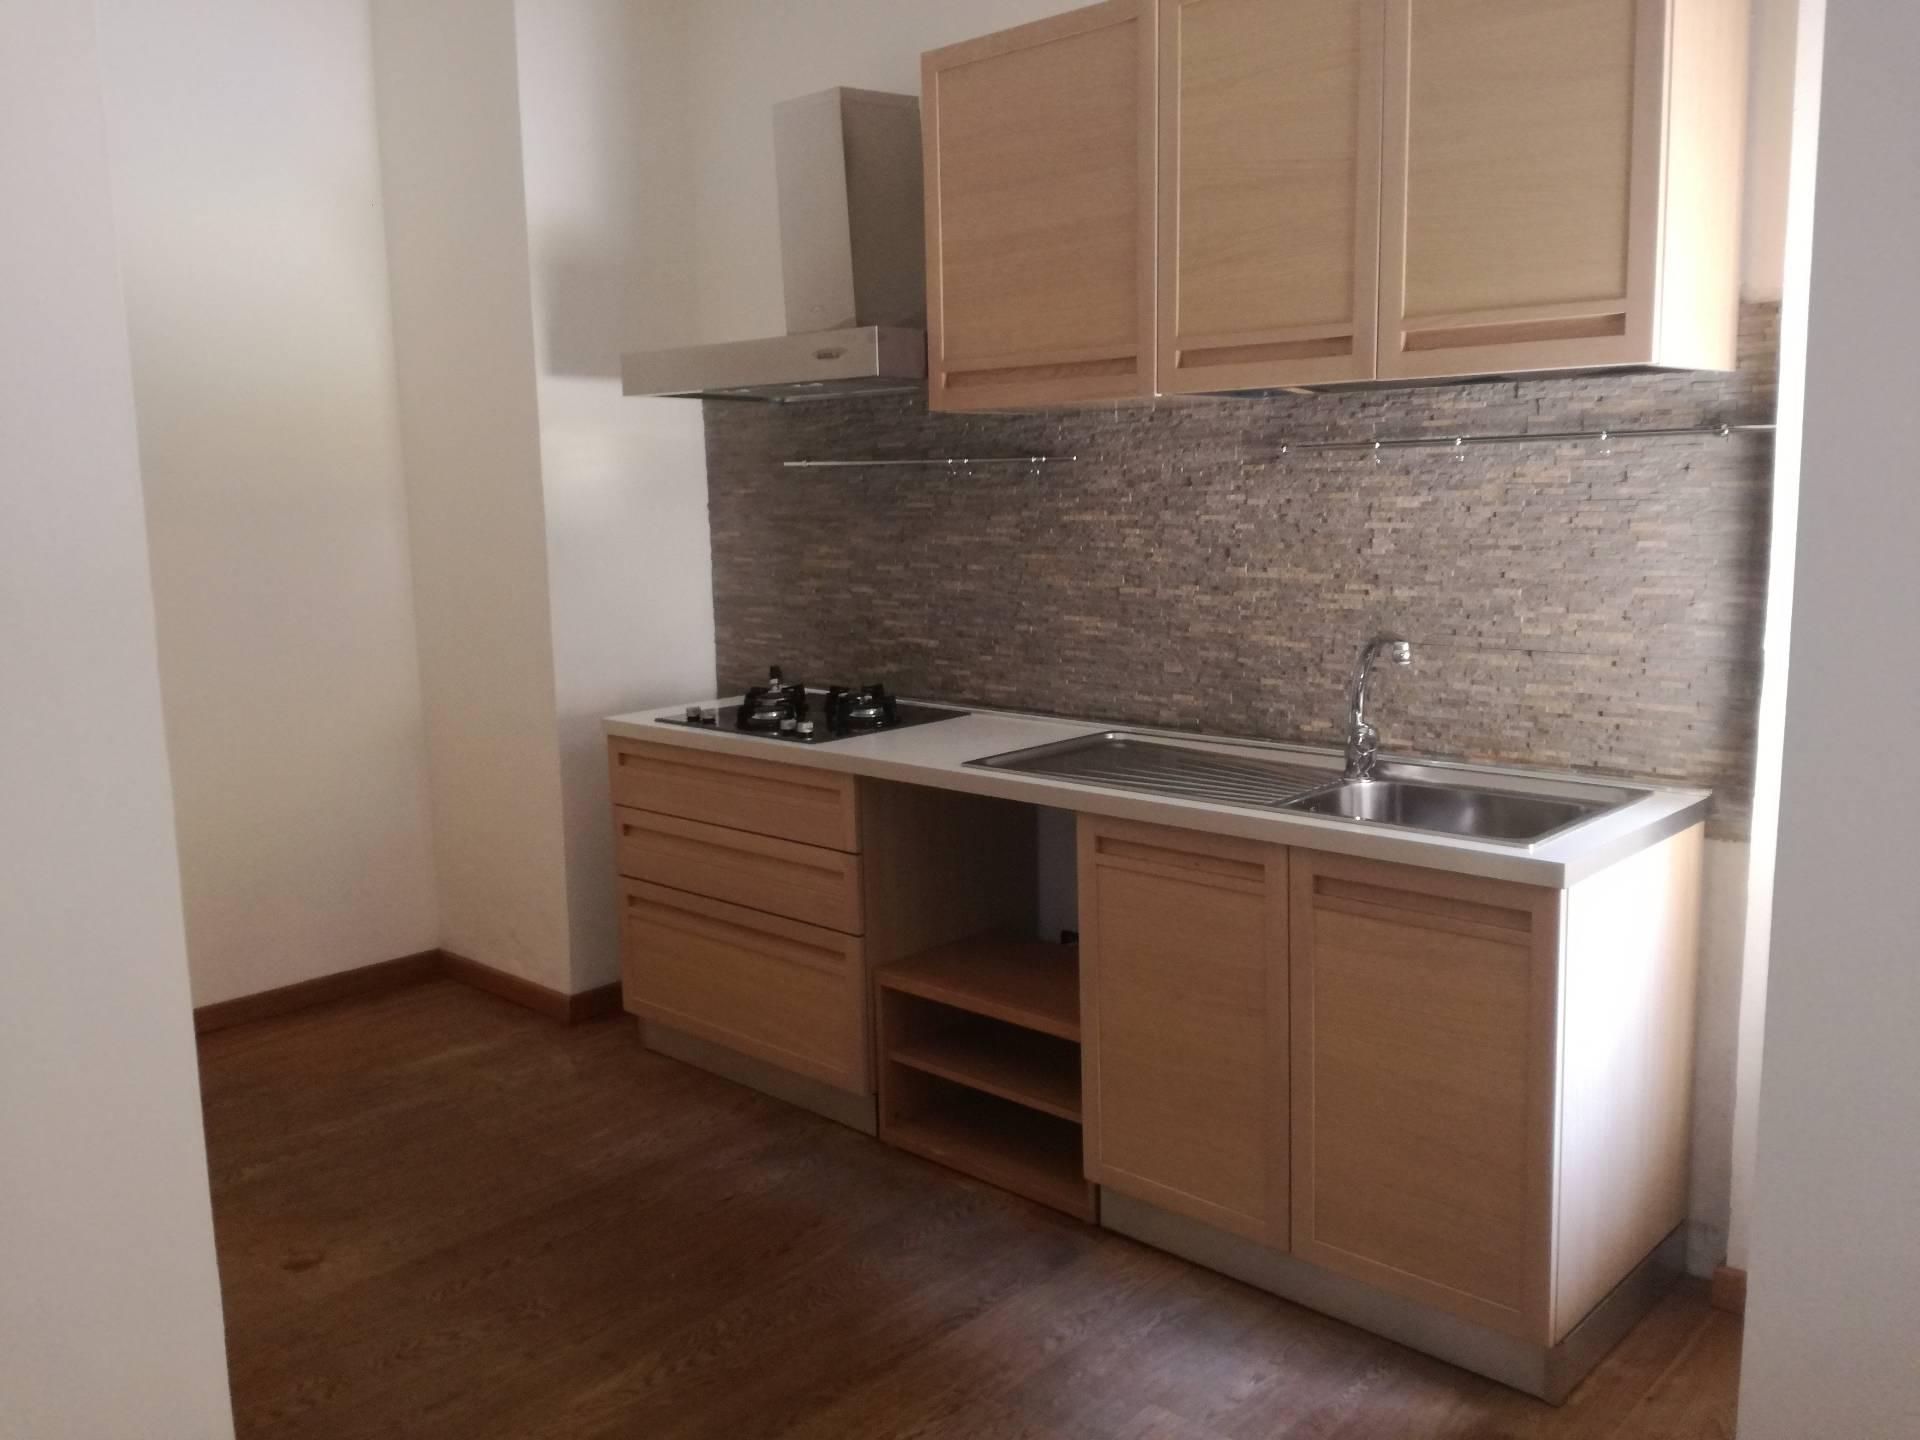 Appartamento in affitto a Casale Monferrato, 2 locali, prezzo € 380 | CambioCasa.it